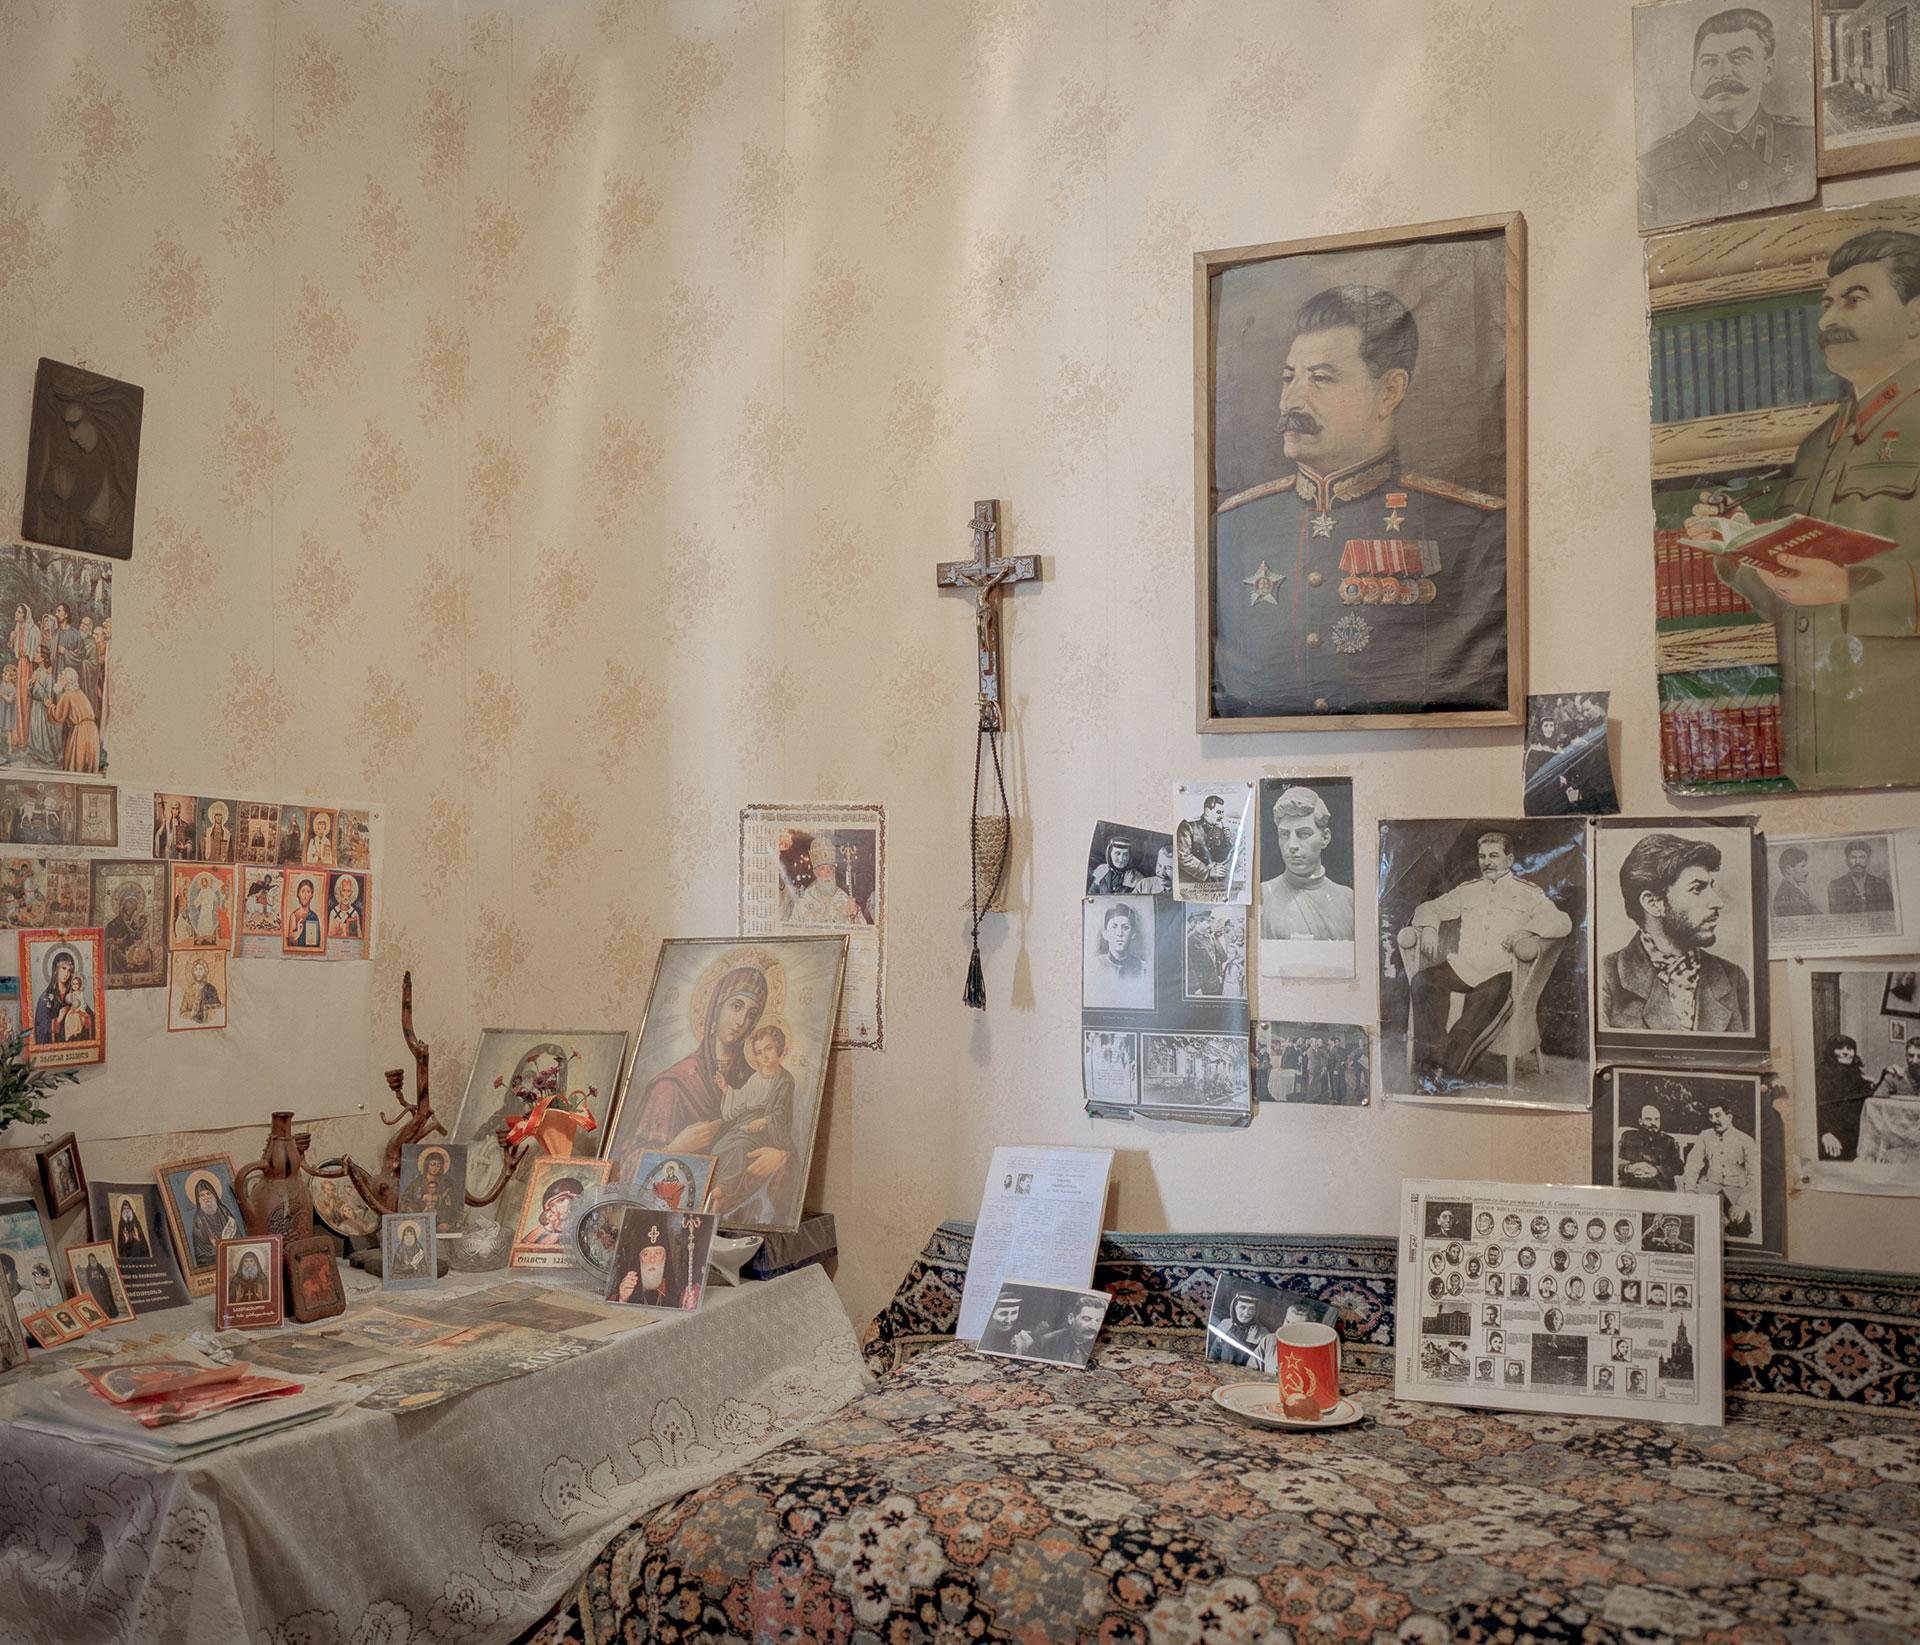 В квартире этой семьи фотографии Сталина соседствуют с иконами.